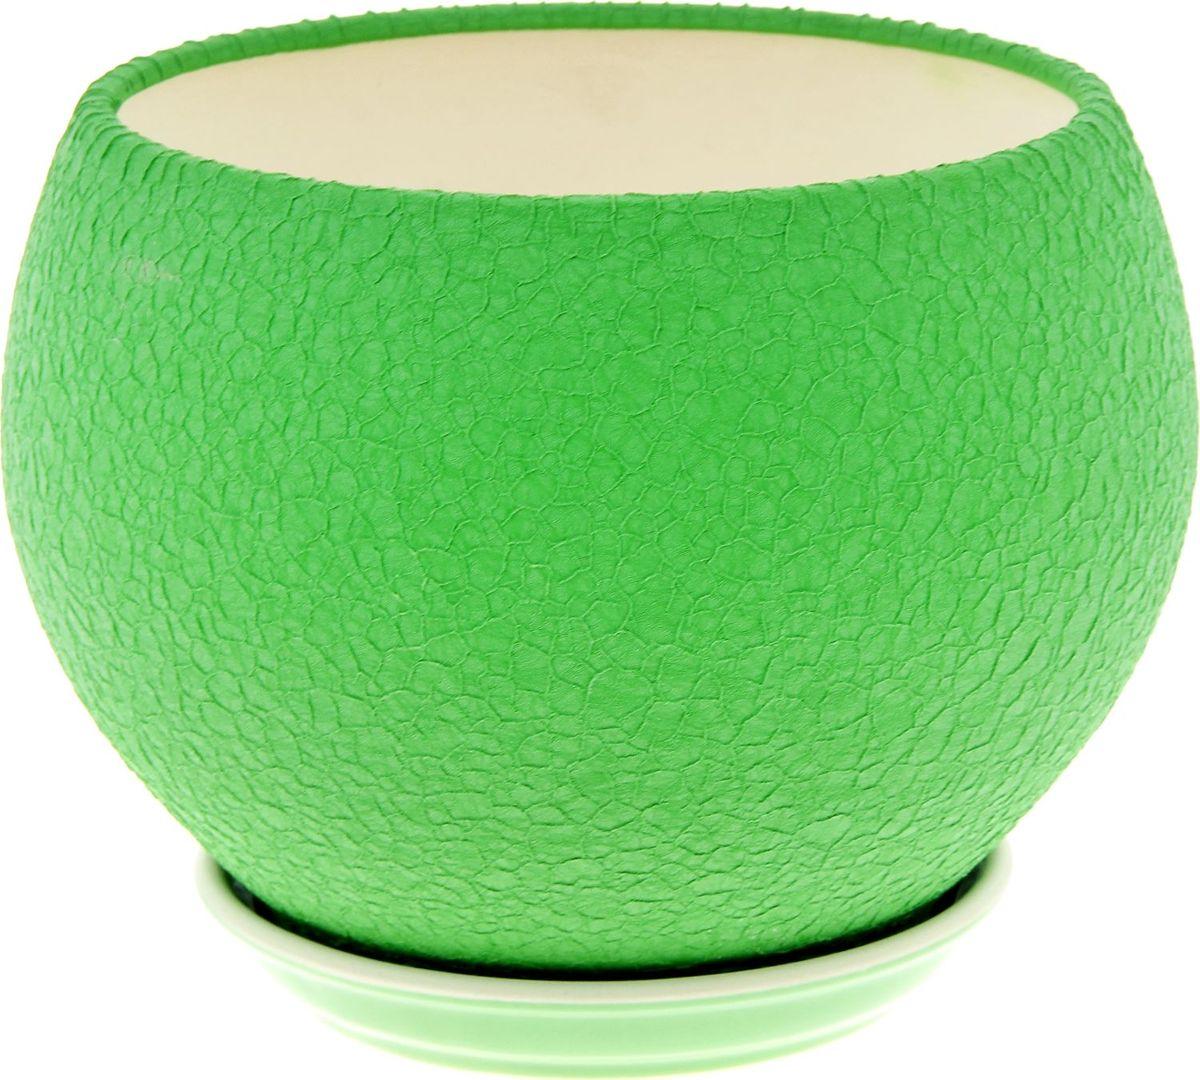 Кашпо Керамика ручной работы Шар, цвет: зеленый, 4,1 л835708Комнатные растения — всеобщие любимцы. Они радуют глаз, насыщают помещение кислородом и украшают пространство. Каждому из них необходим свой удобный и красивый дом. Кашпо из керамики прекрасно подходят для высадки растений: за счёт пластичности глины и разных способов обработки существует великое множество форм и дизайновпористый материал позволяет испаряться лишней влагевоздух, необходимый для дыхания корней, проникает сквозь керамические стенки! #name# позаботится о зелёном питомце, освежит интерьер и подчеркнёт его стиль.